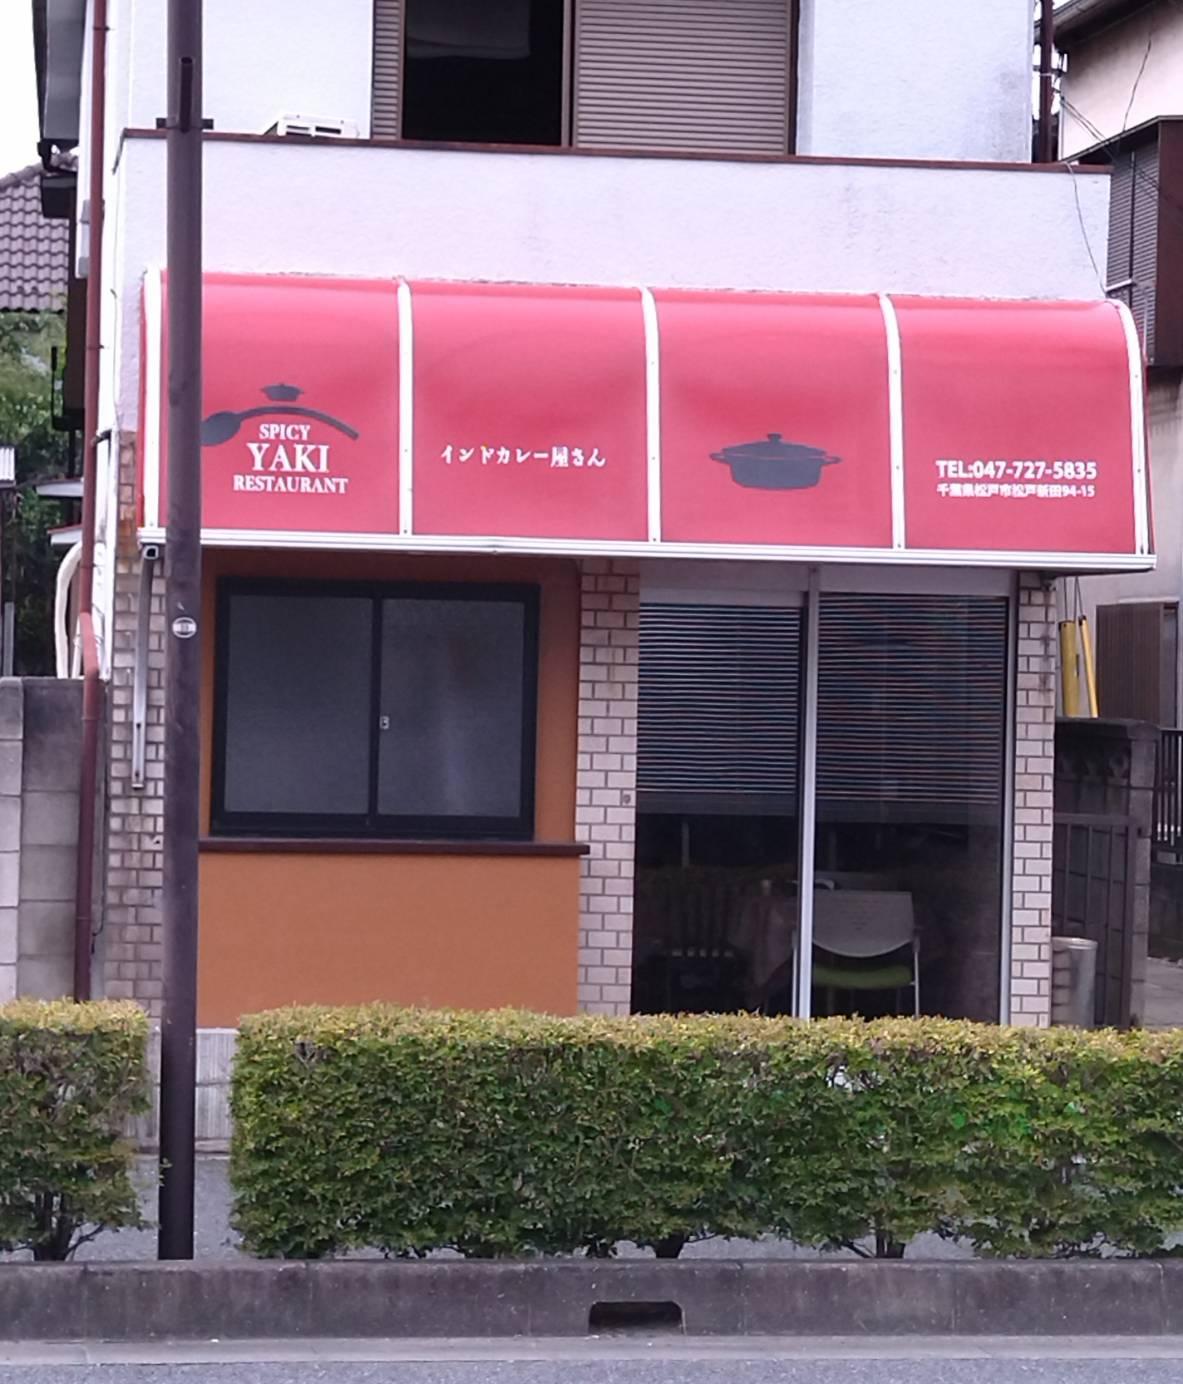 スパイシーヤキレストラン松戸新田インドカレー